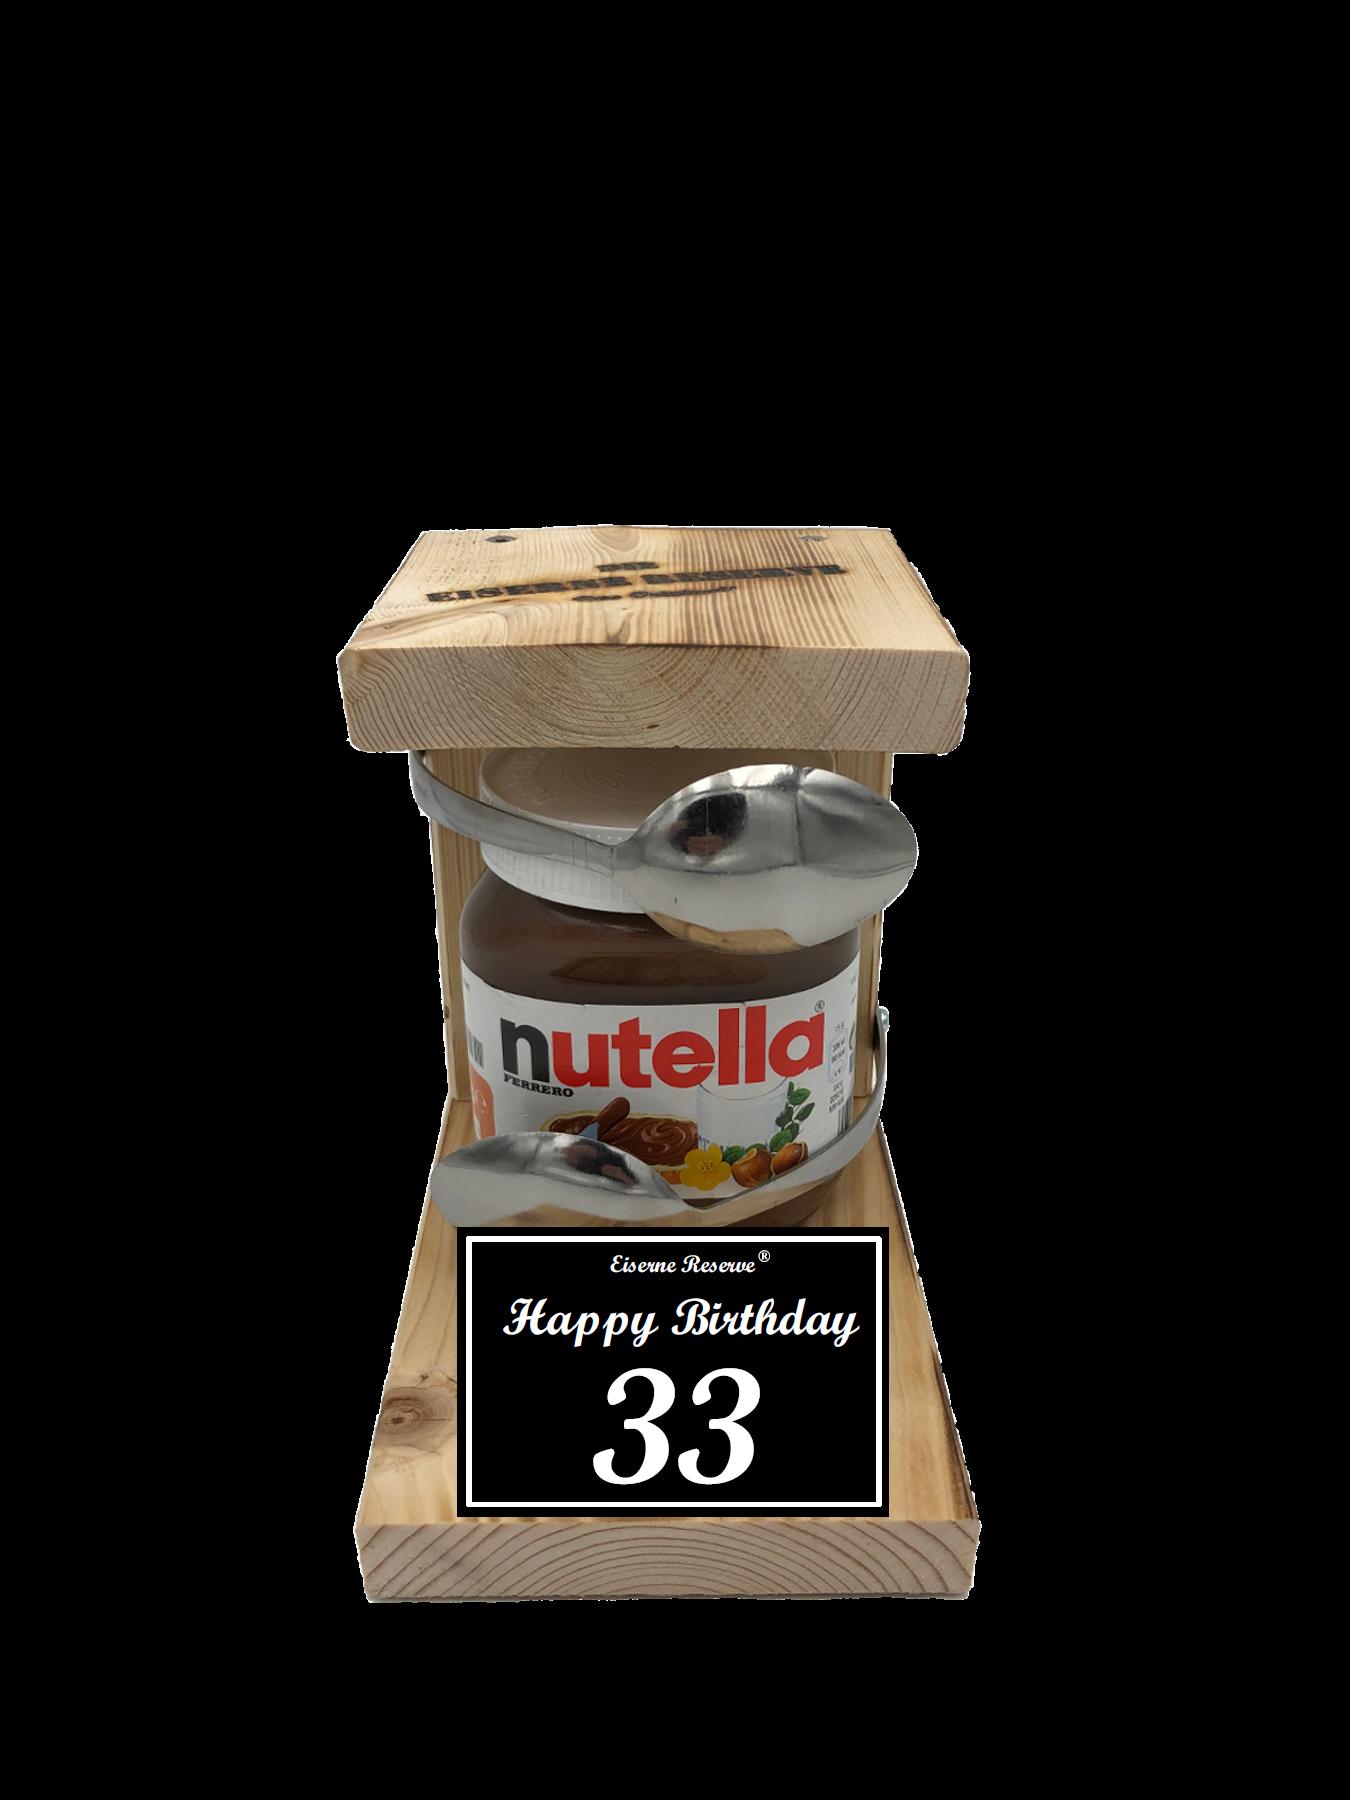 33 Happy Birthday Löffel Nutella Geschenk - Die Nutella Geschenkidee